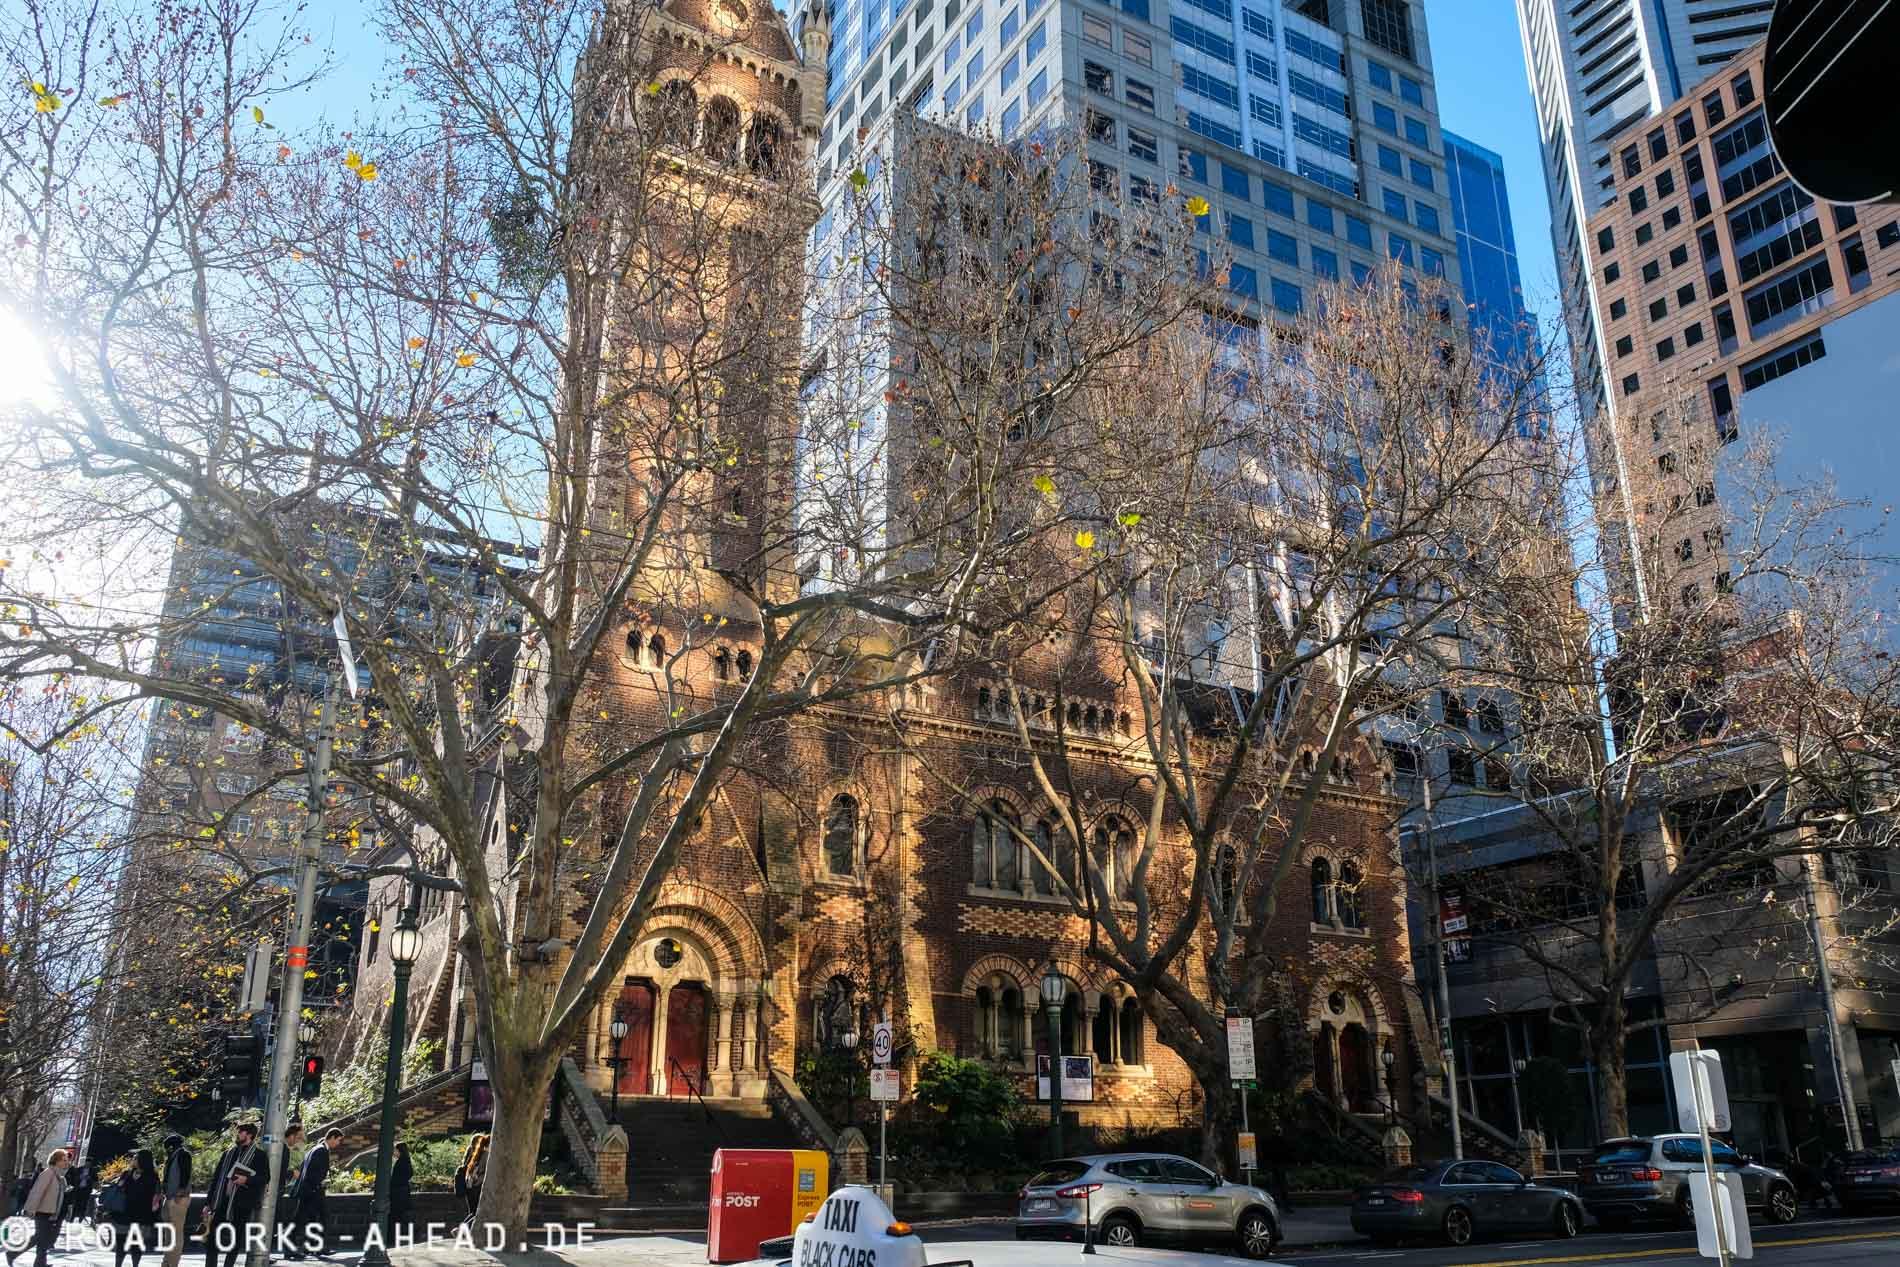 Scot's Church Melbourne